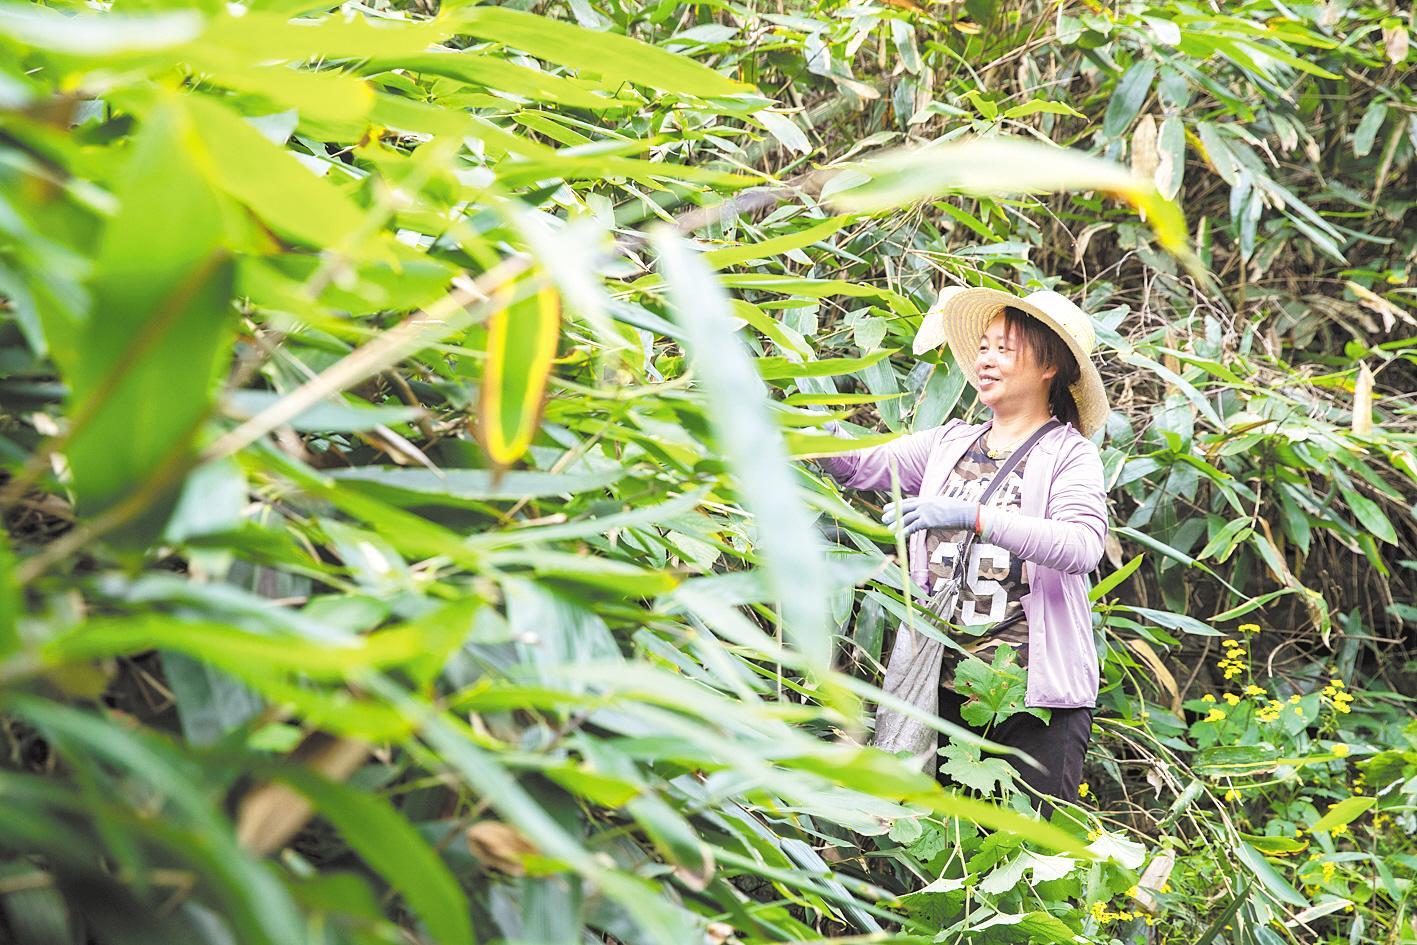 野生箬叶带动三万人增收